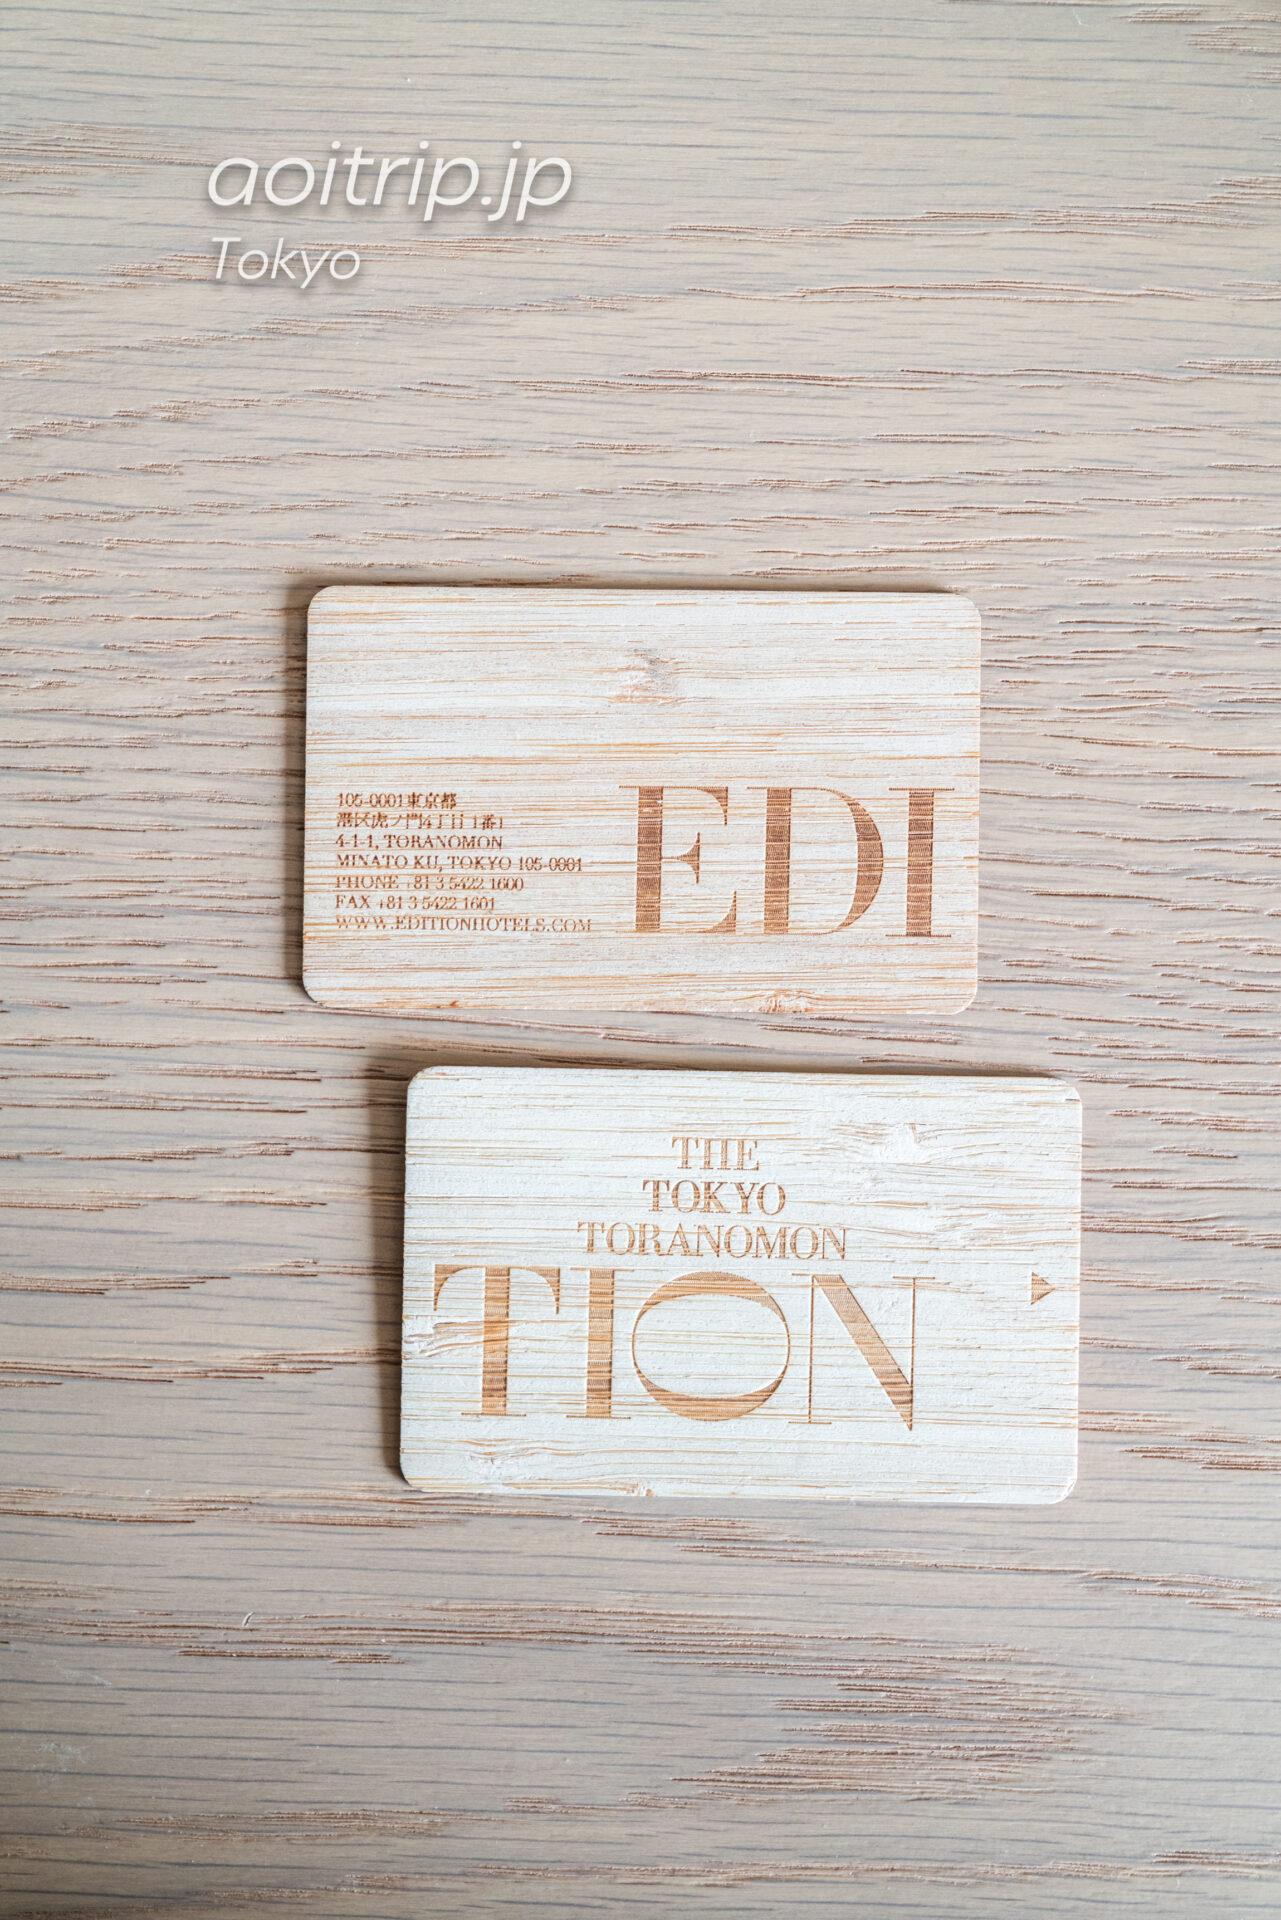 東京エディション虎ノ門 木製のルームキー